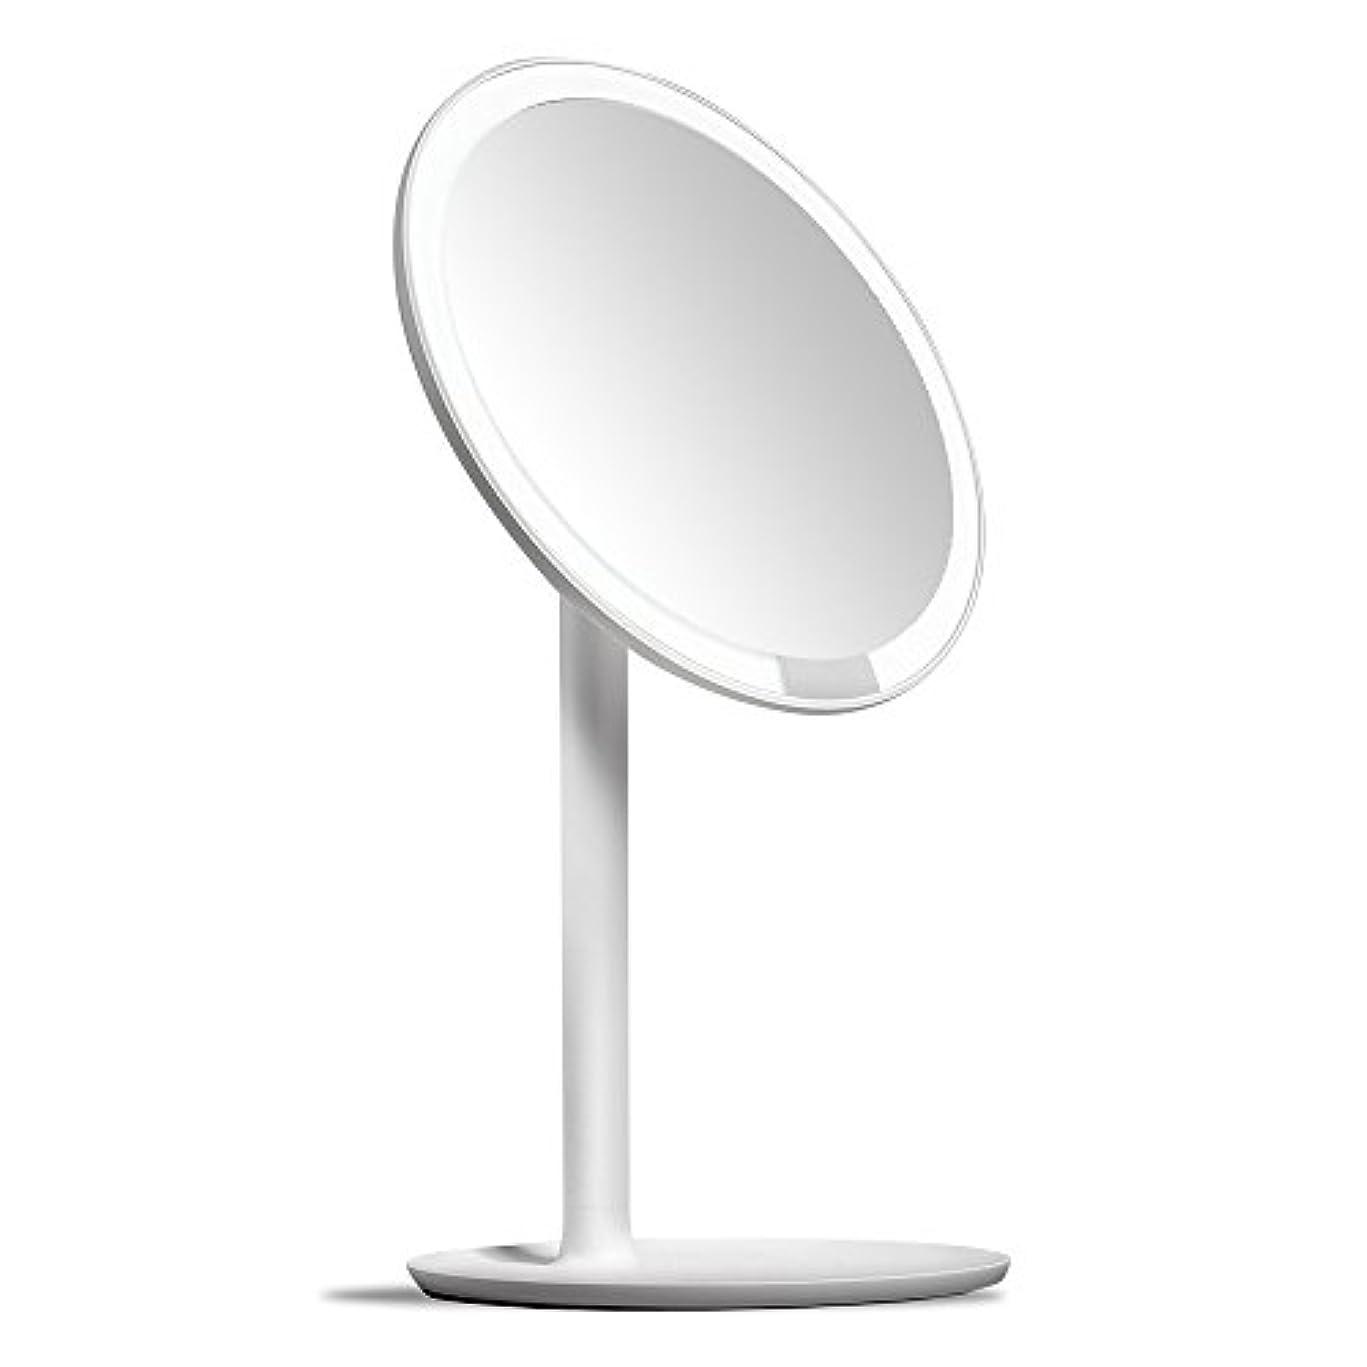 不十分主人貫通するAMIRO 化粧鏡 化粧ミラー LEDライト付き 卓上鏡 女優ミラー 3段階明るさ調節可能 コードレス 充電式